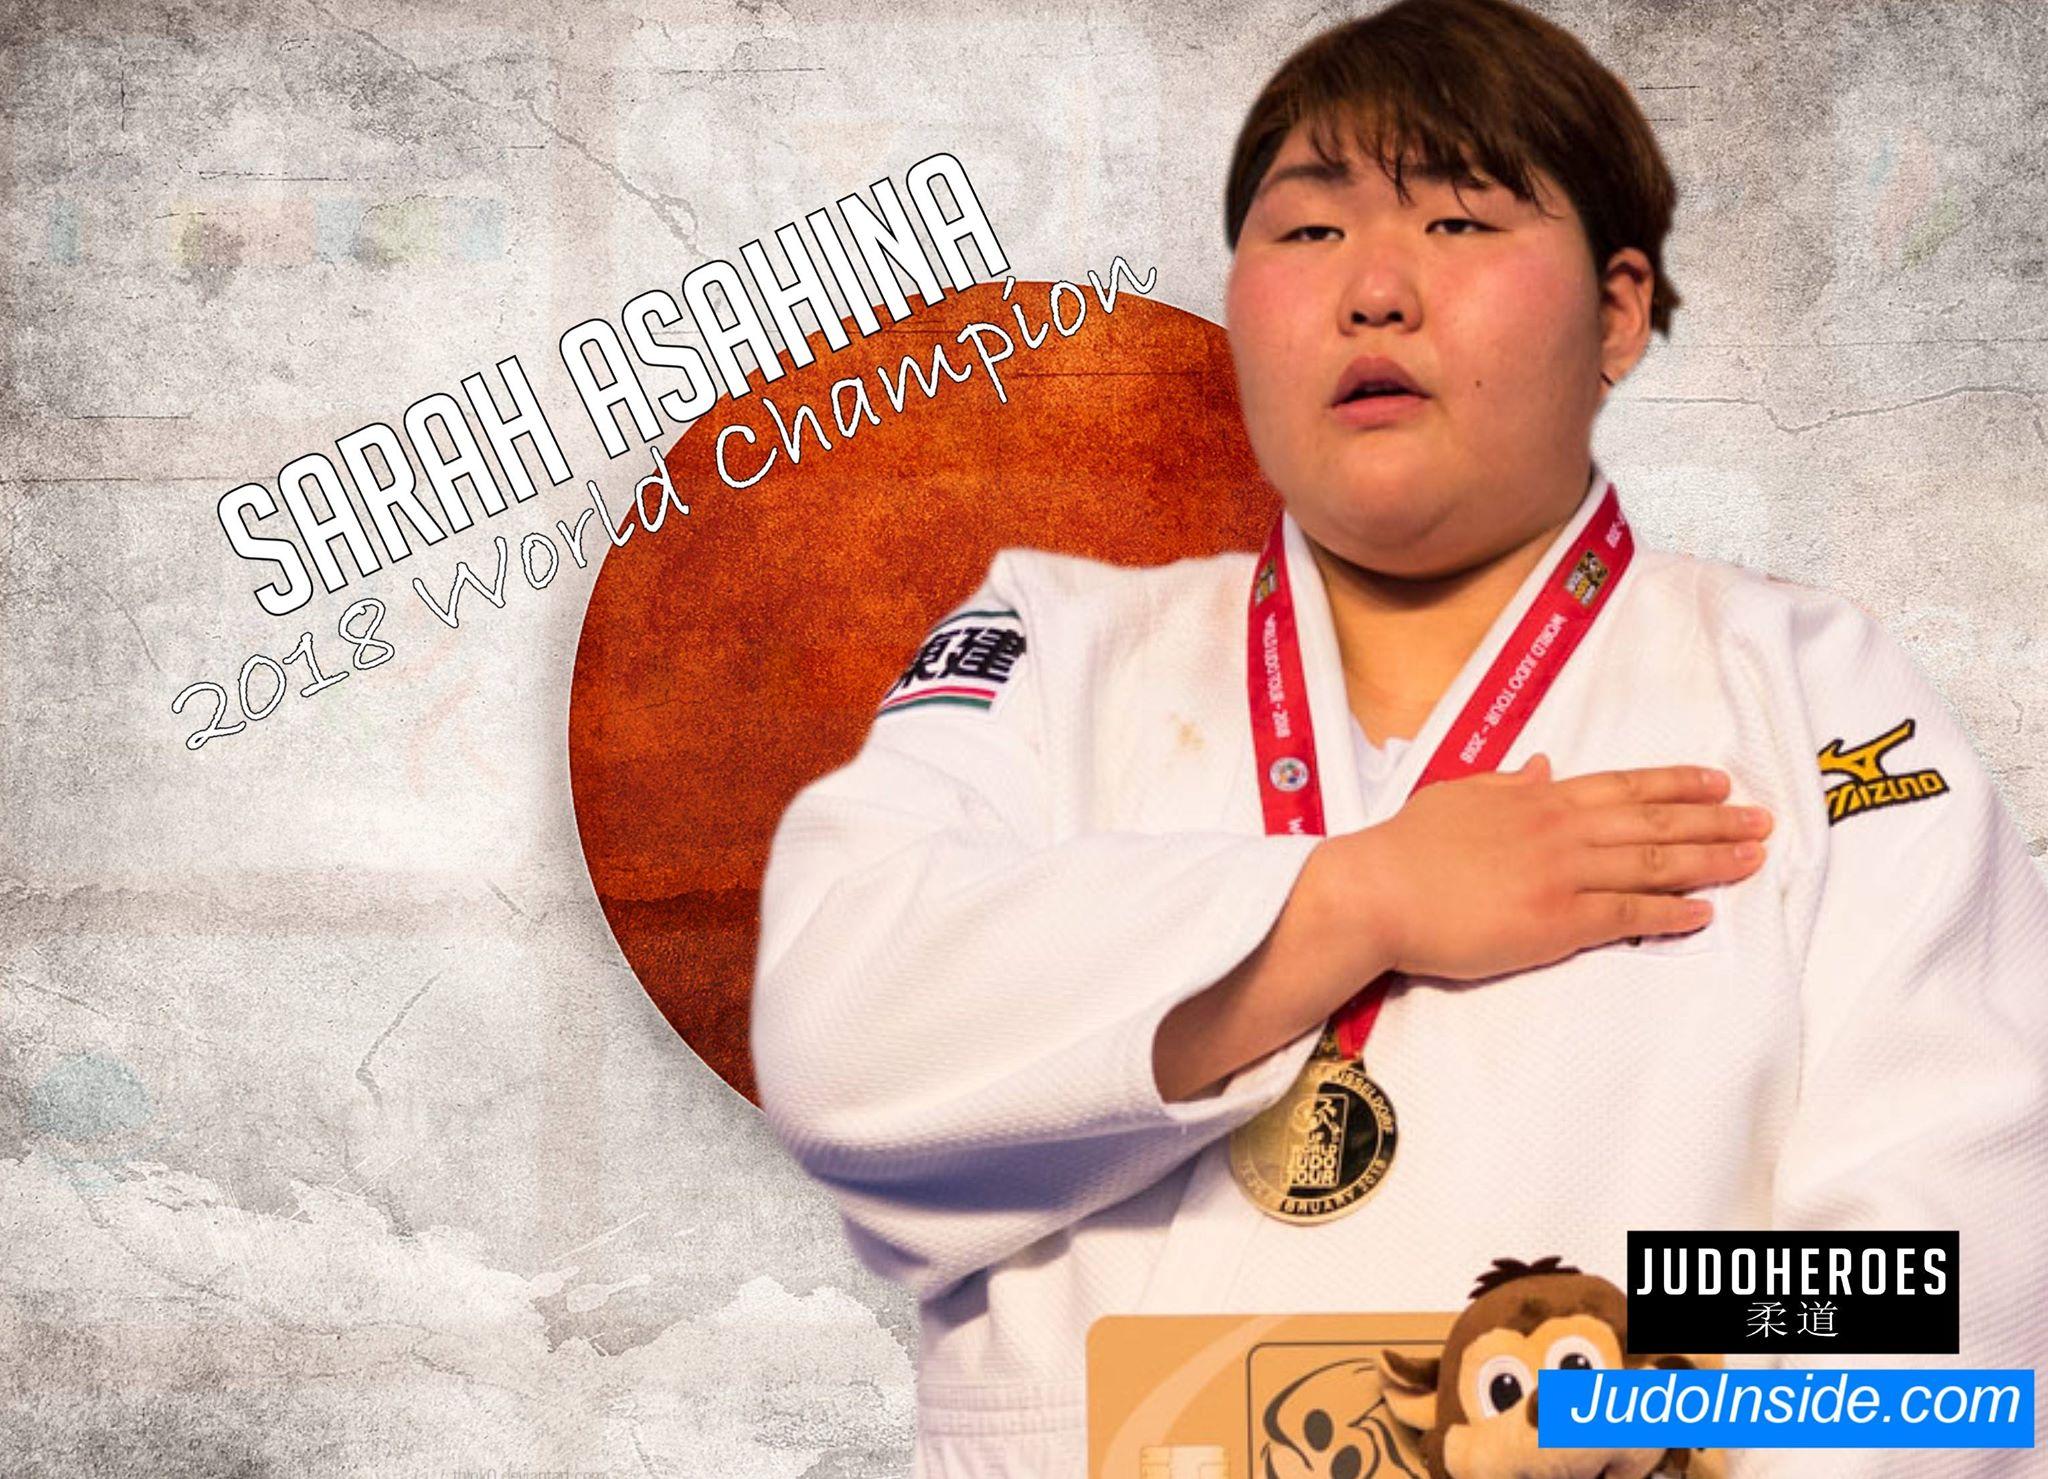 20180926_jh_wch_baku_compilation_79_sarah_asahina_winner